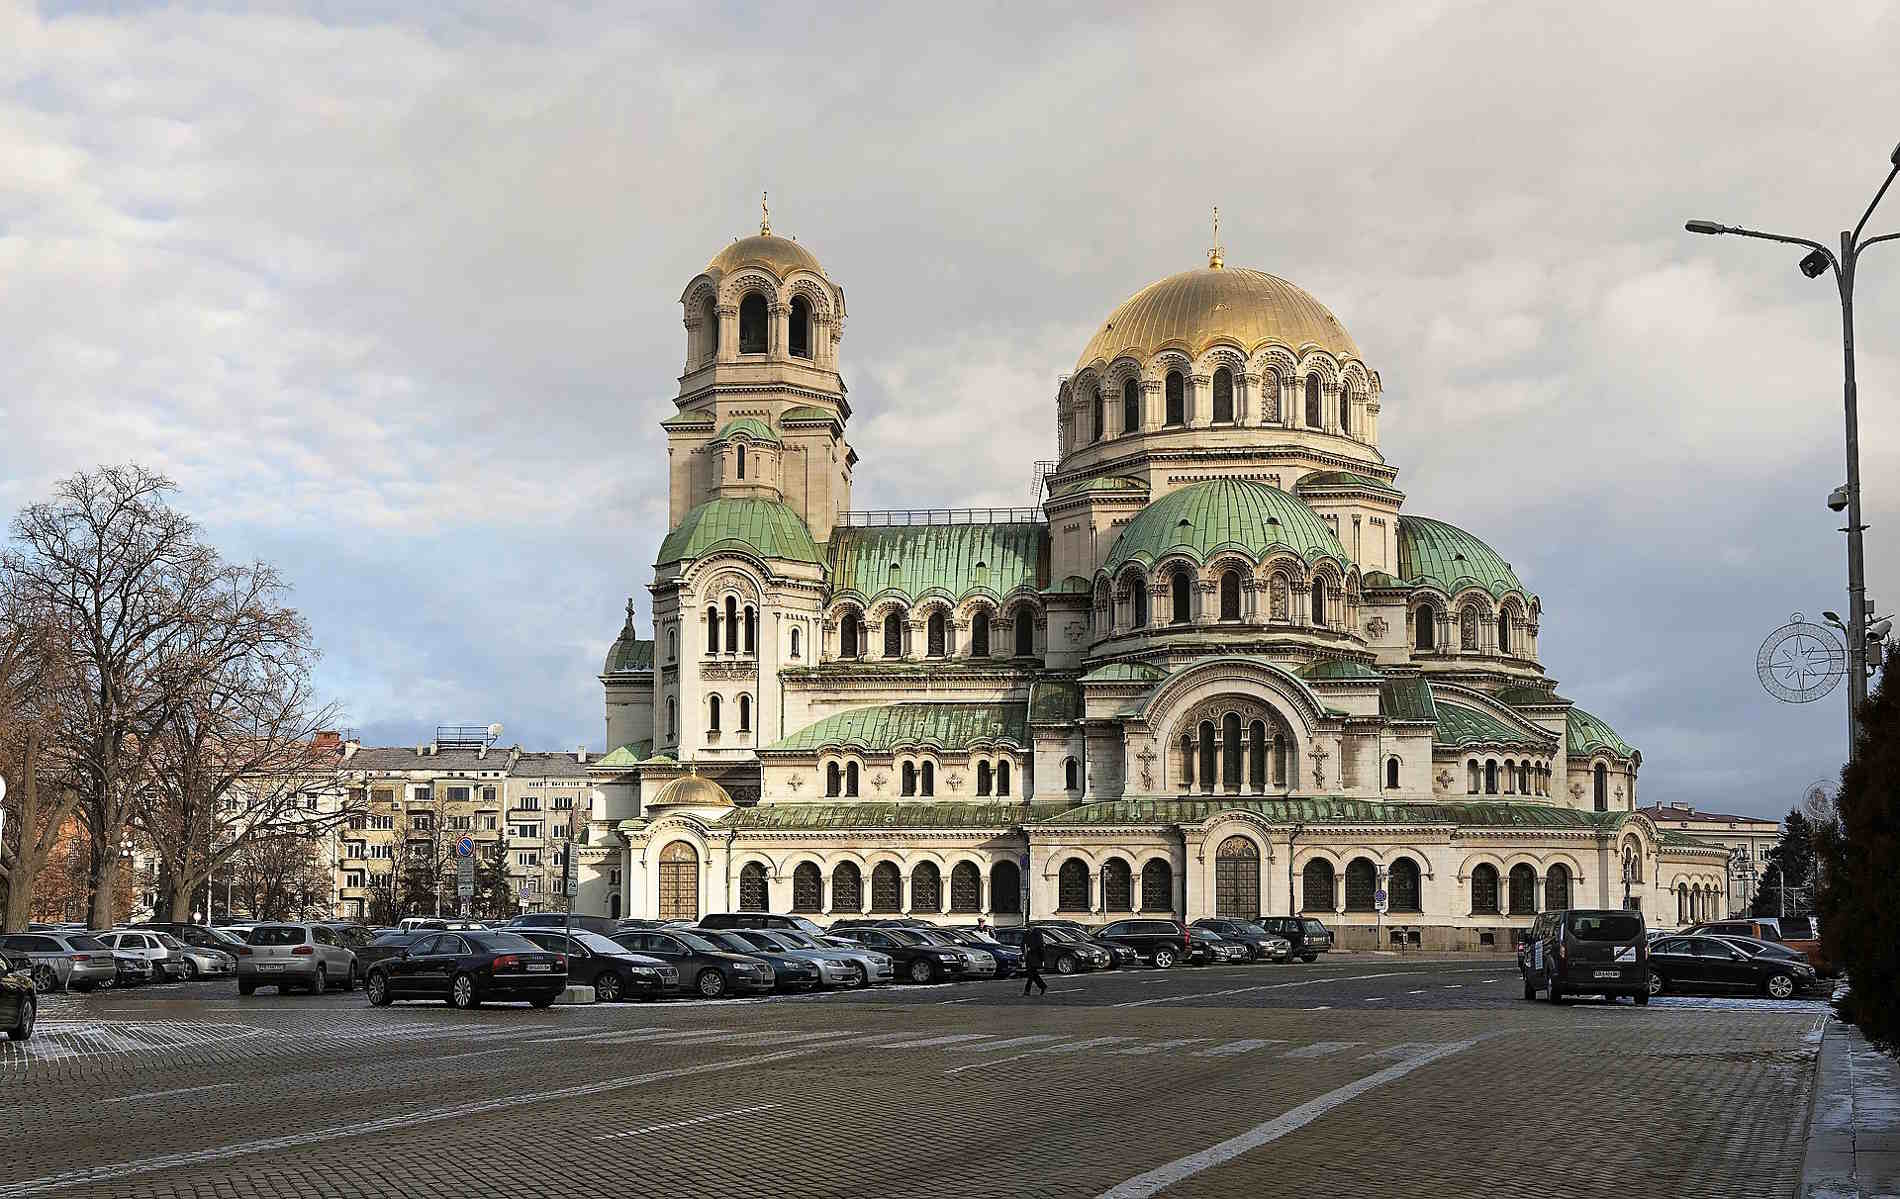 Viaggio nelle capitali europee da visitare - Bulgaria: Chiesa di Alexander Nevski a Sofia